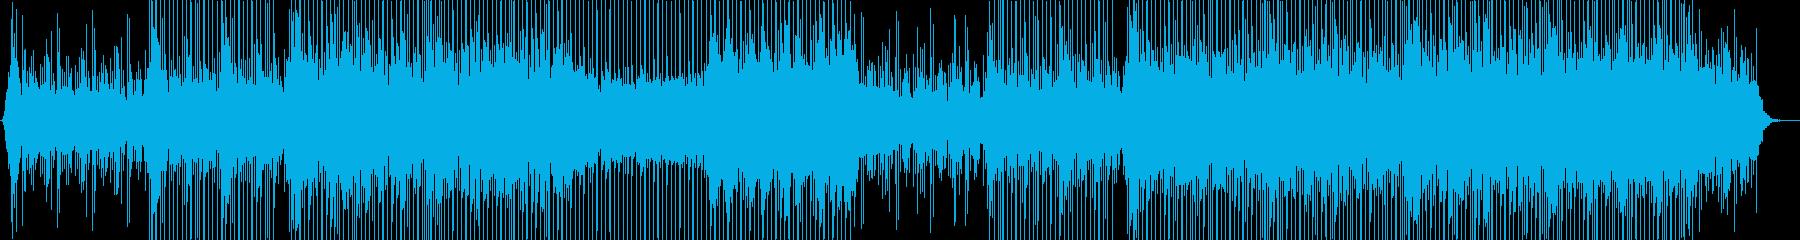 アップテンポで前向きなコーポレートBGMの再生済みの波形